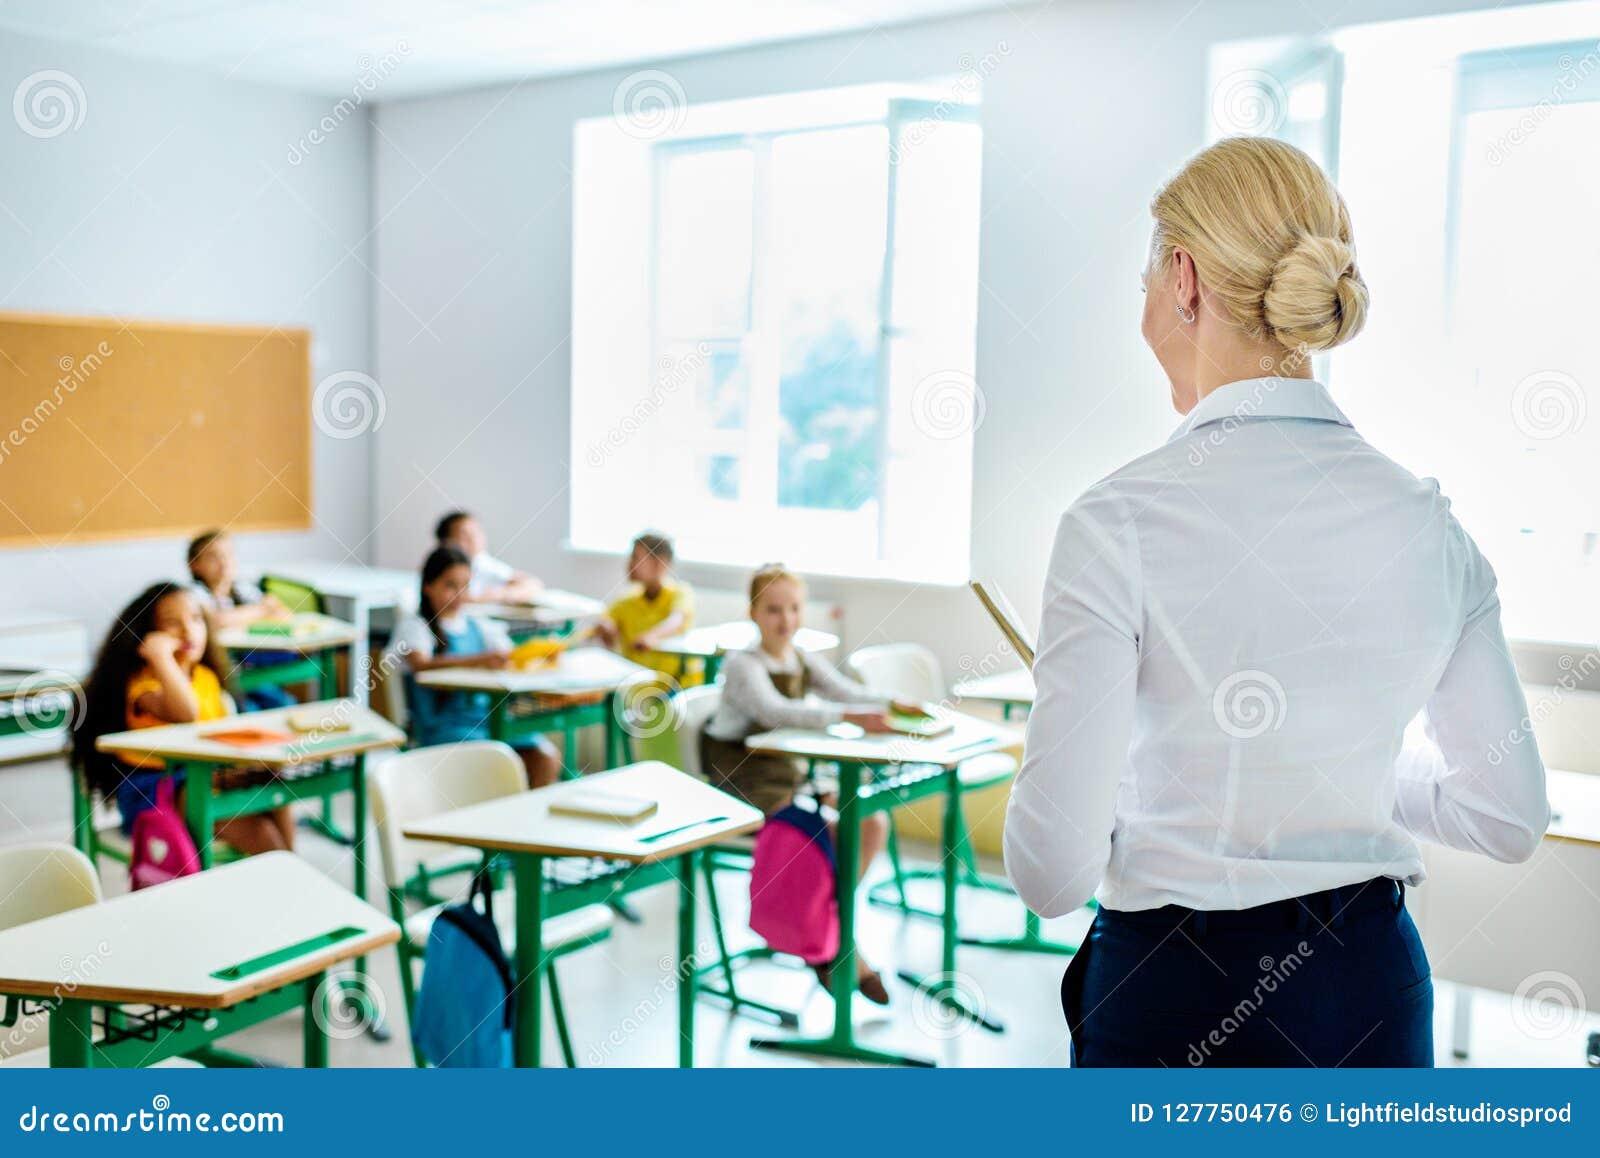 Vue arrière de professeur regardant des enfants